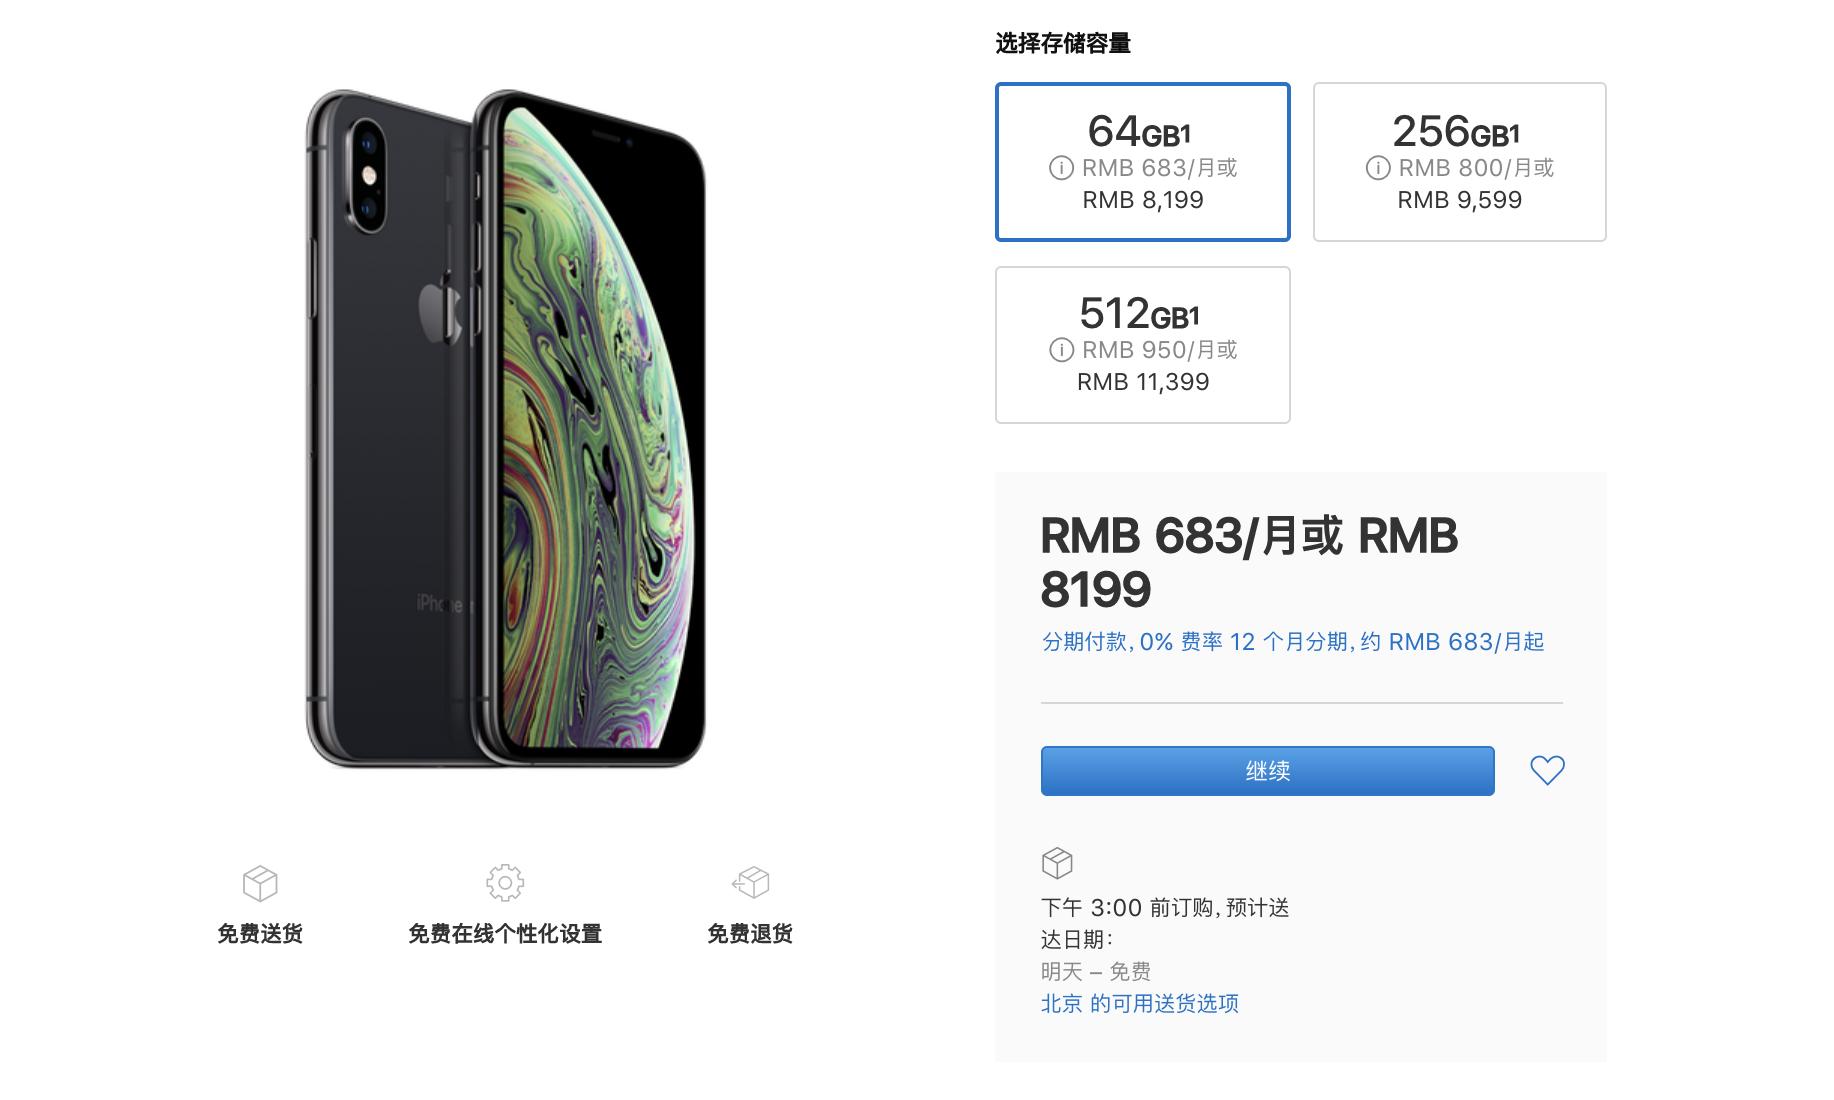 因增值税下调,苹果在线商店部分产品调整降价